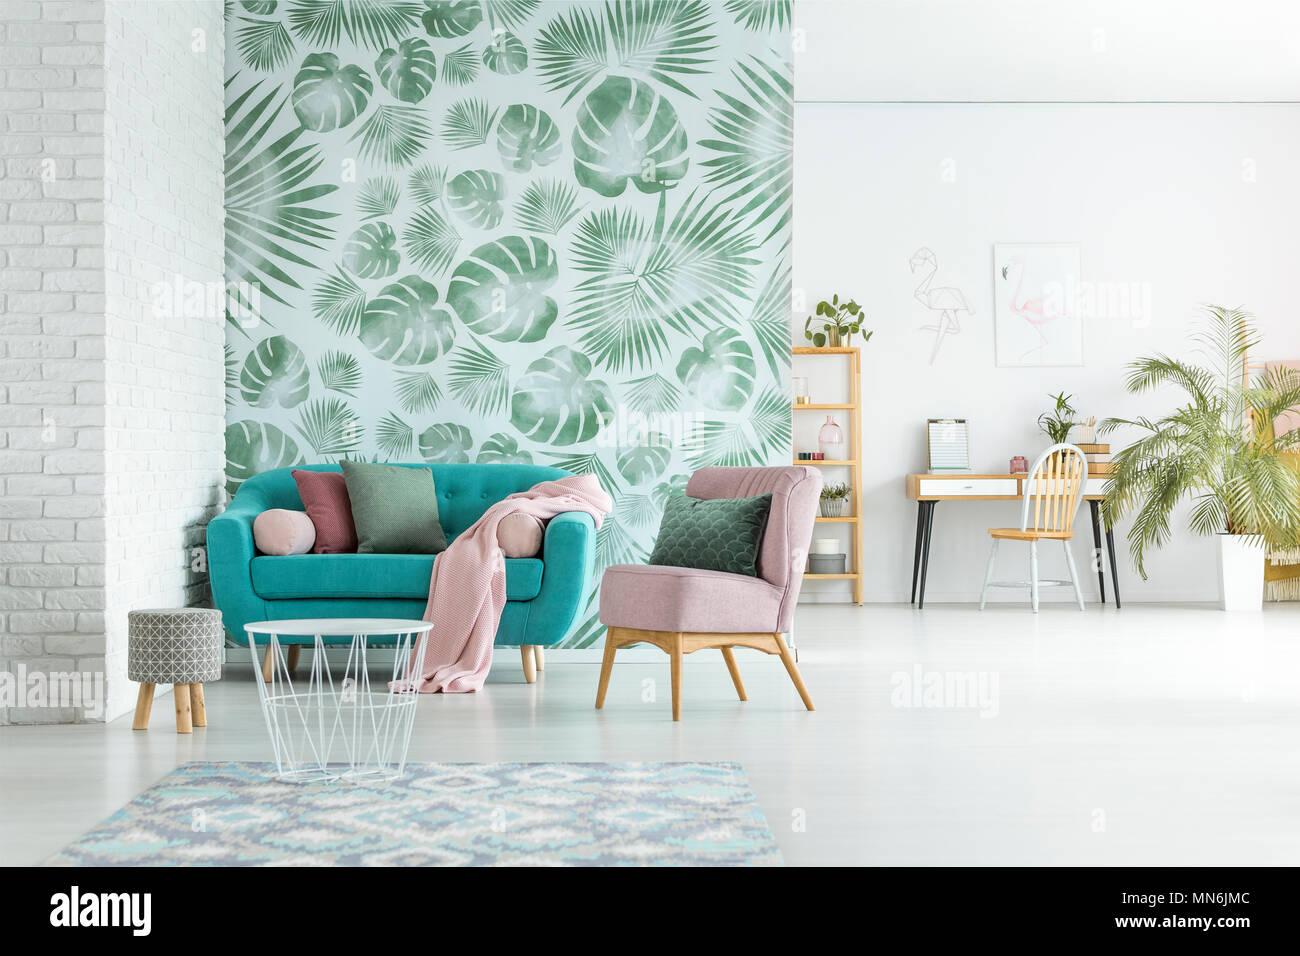 Poltrona rosa e blu divano con coperta in luminoso soggiorno con